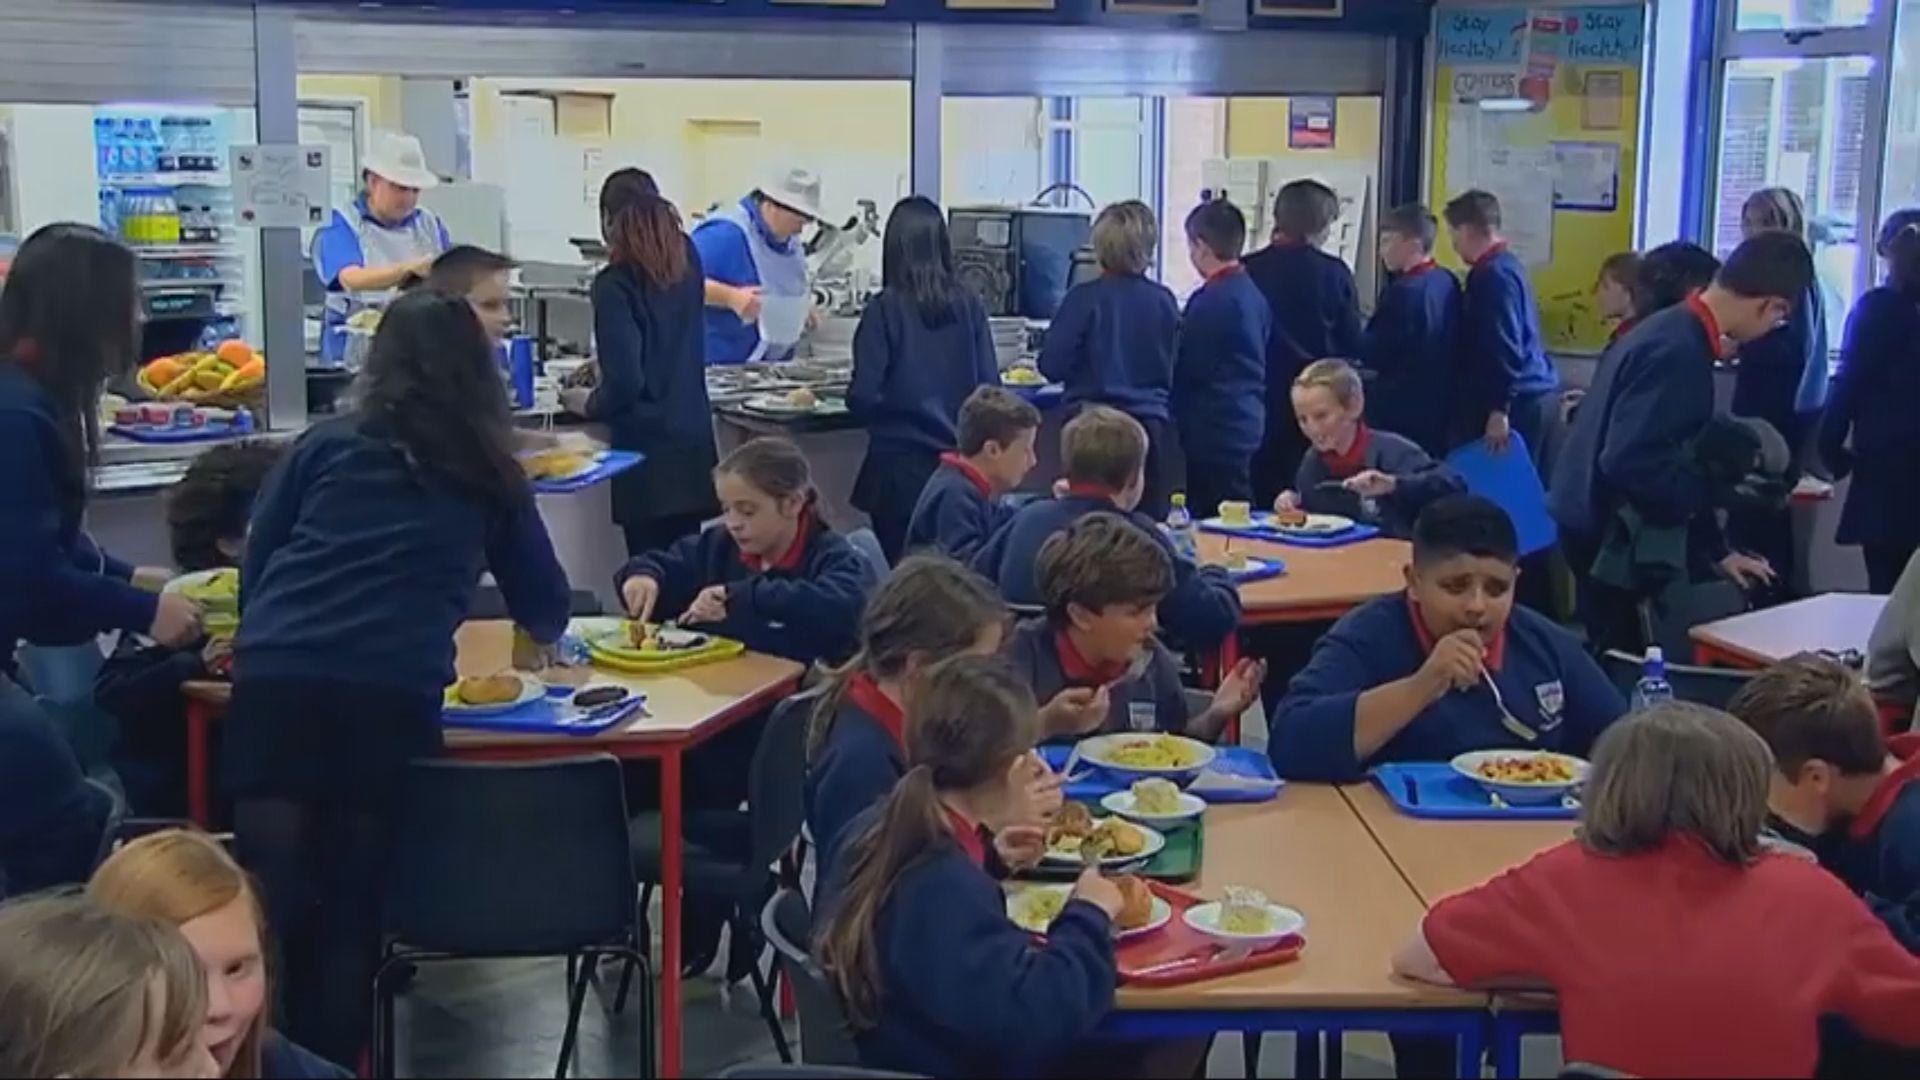 聯合國兒童基金會首度支援英國兒童膳食 下議院領袖批屬政治炒作